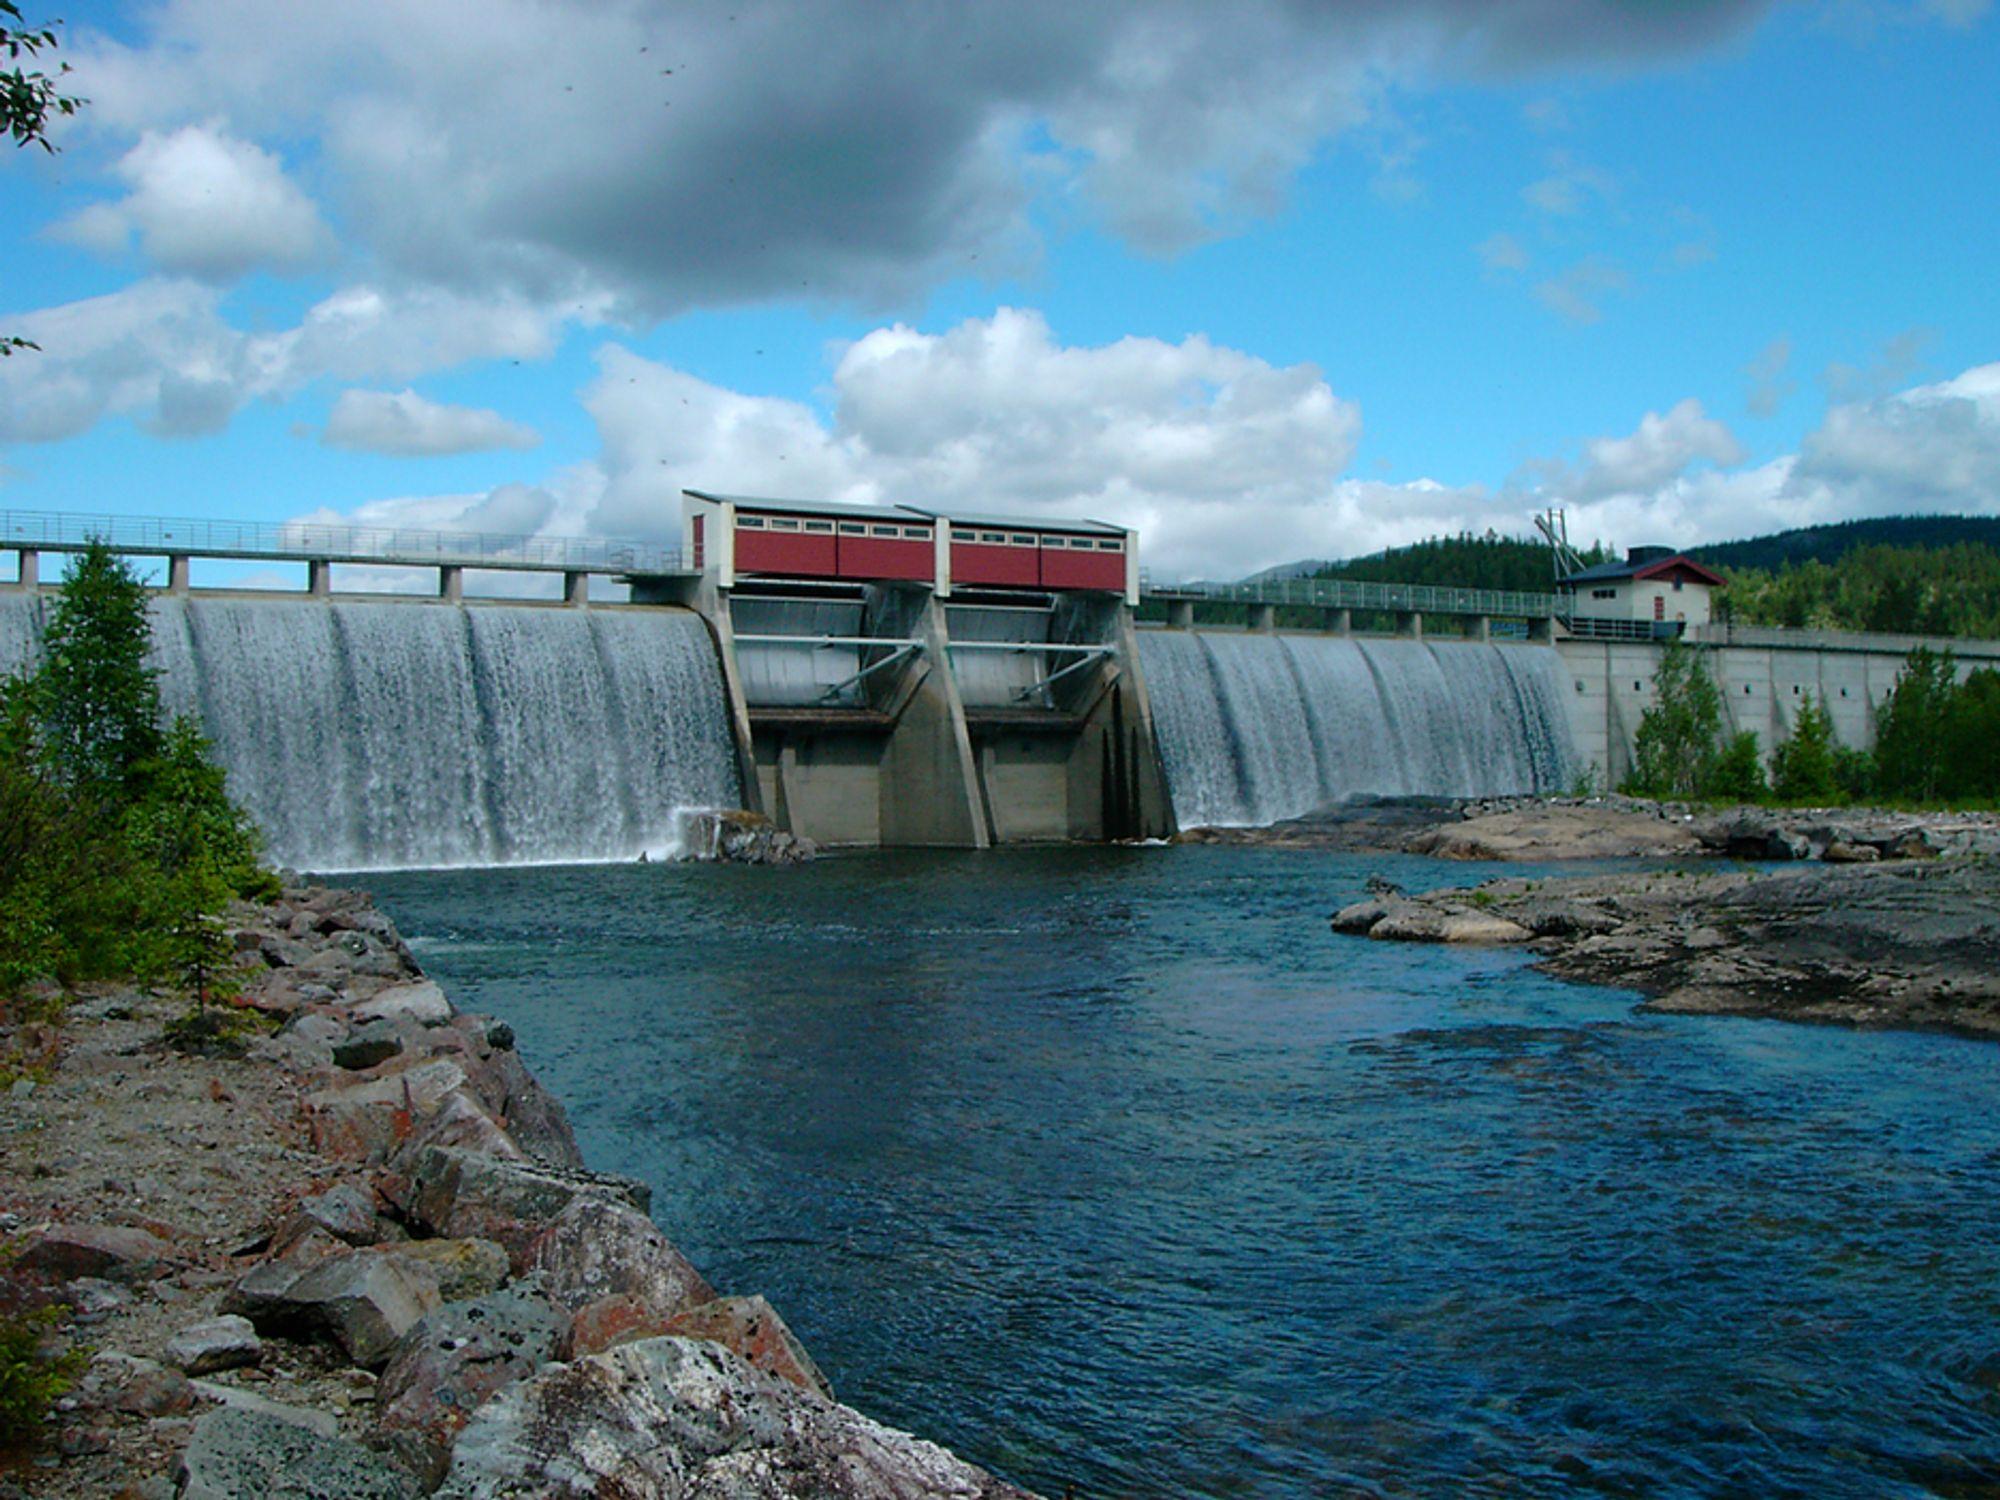 STOR KRAFTEKSPORT: Nå er det så mye vann i magasinene at krafteksporten går for fullt igjen.